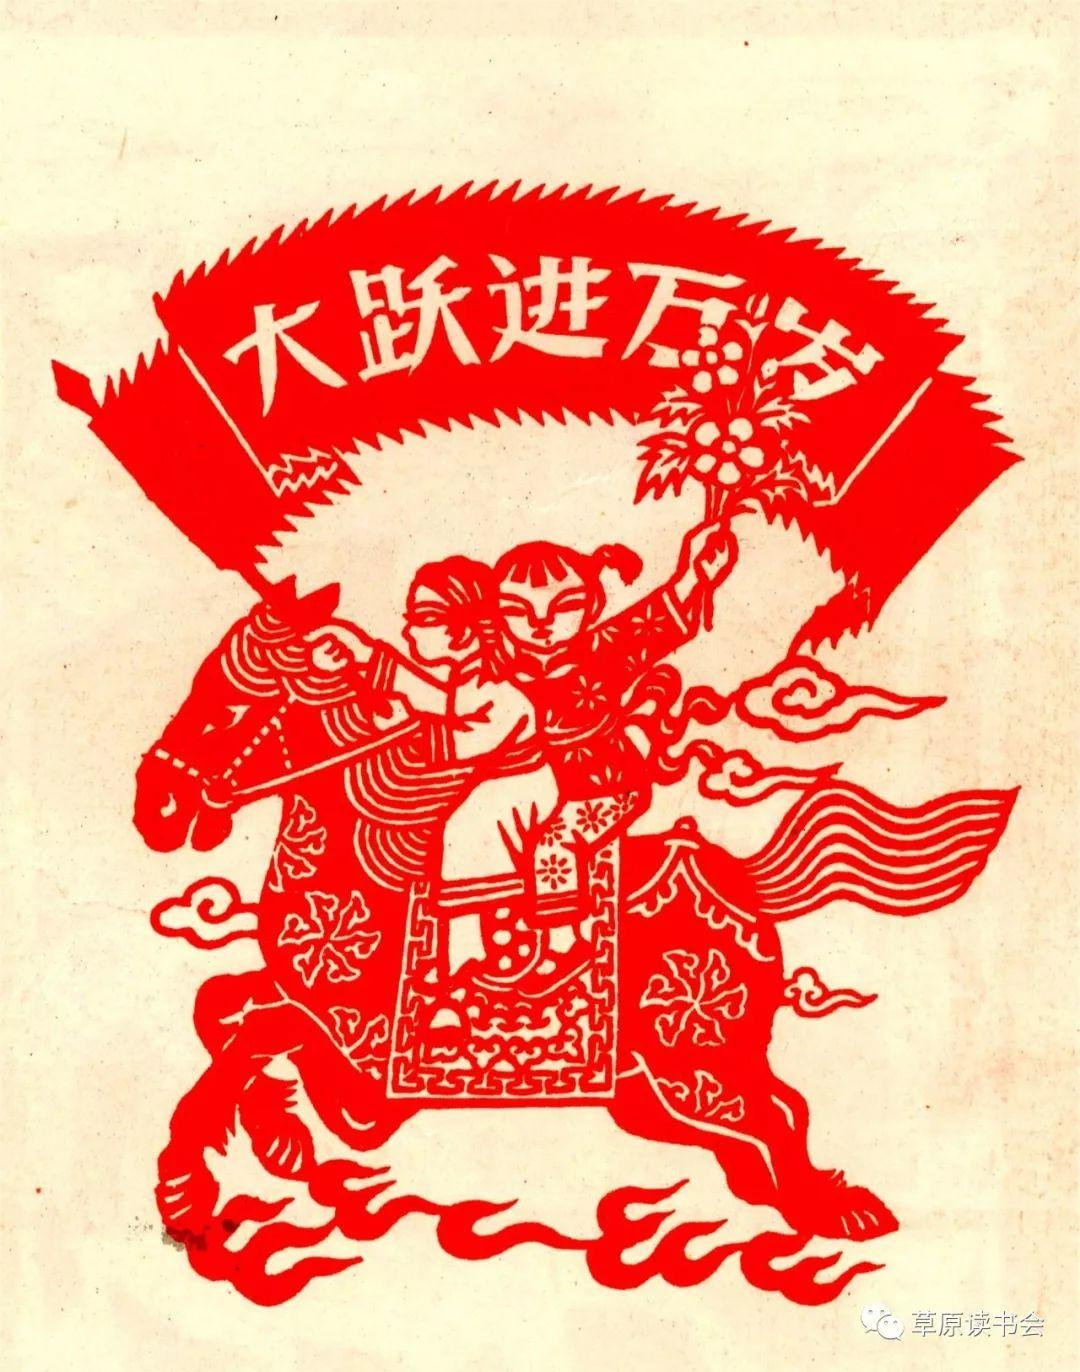 博彦和什克与他的蒙古族图案艺术 第8张 博彦和什克与他的蒙古族图案艺术 蒙古图案